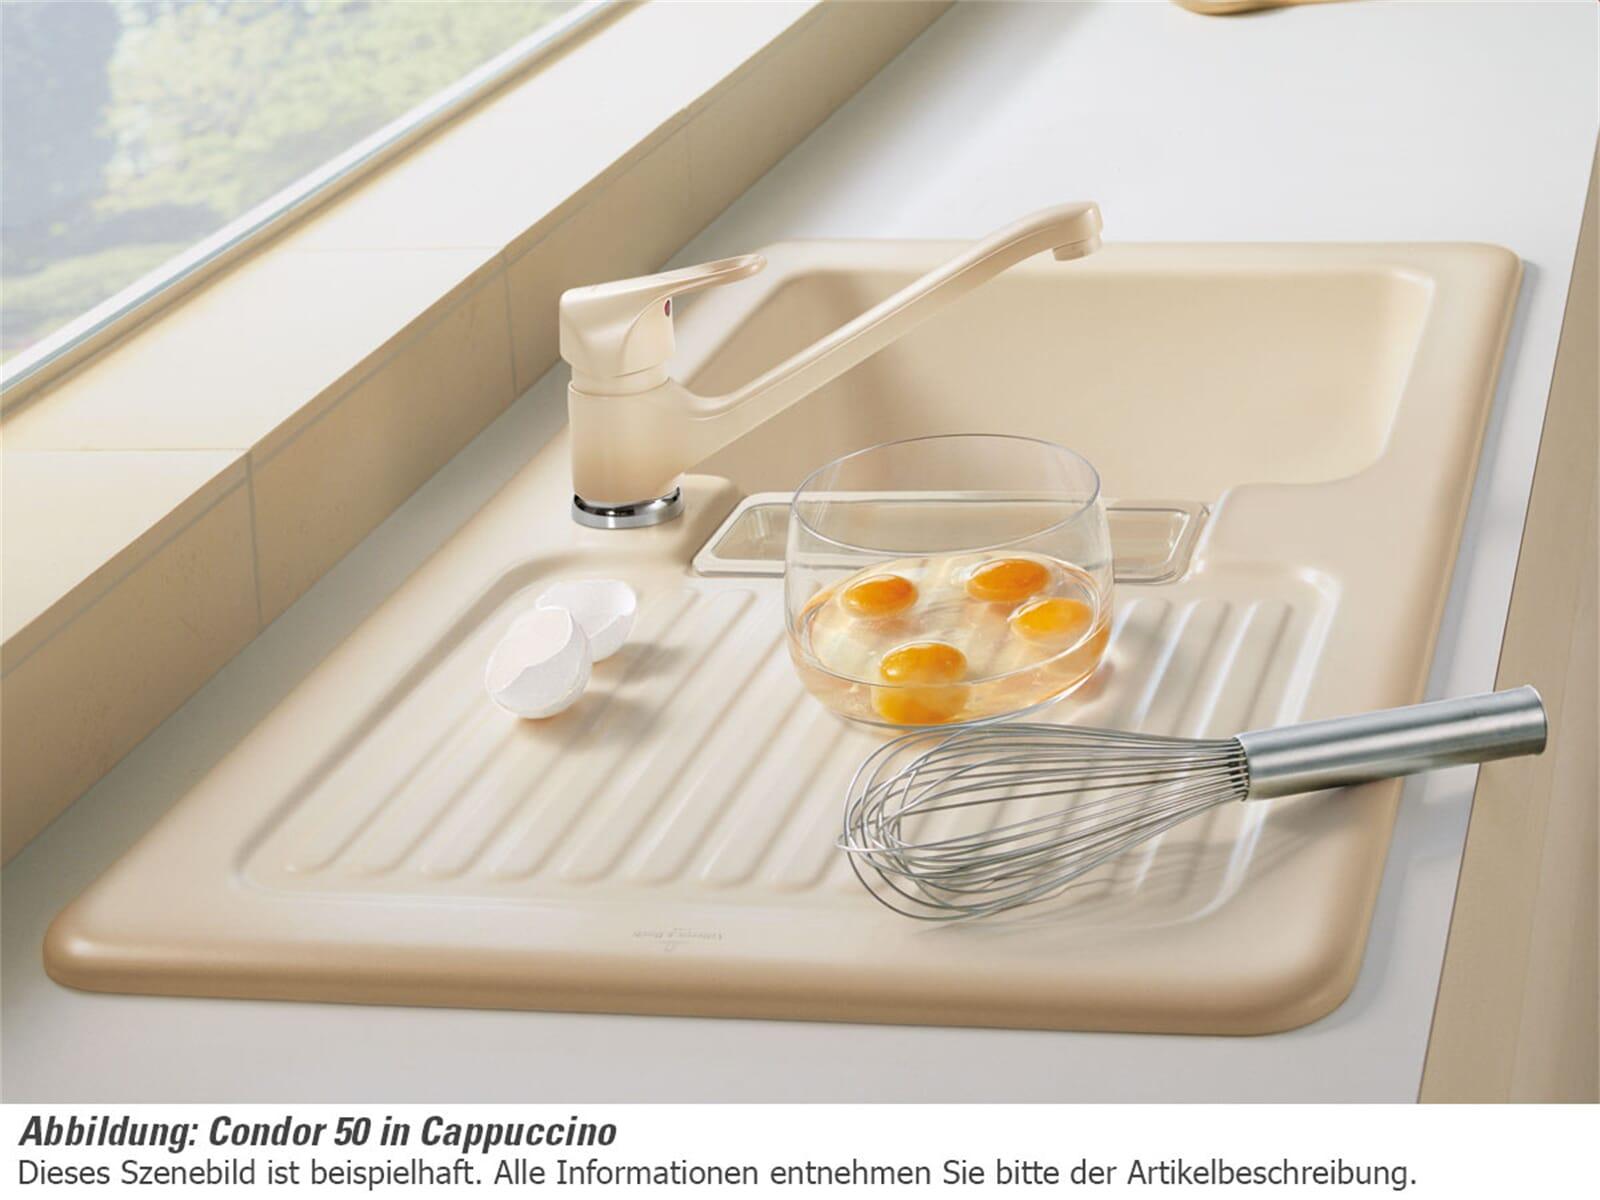 Villeroy & Boch Condor 50 Timber - 6732 01 TR Keramikspüle Handbetätigung